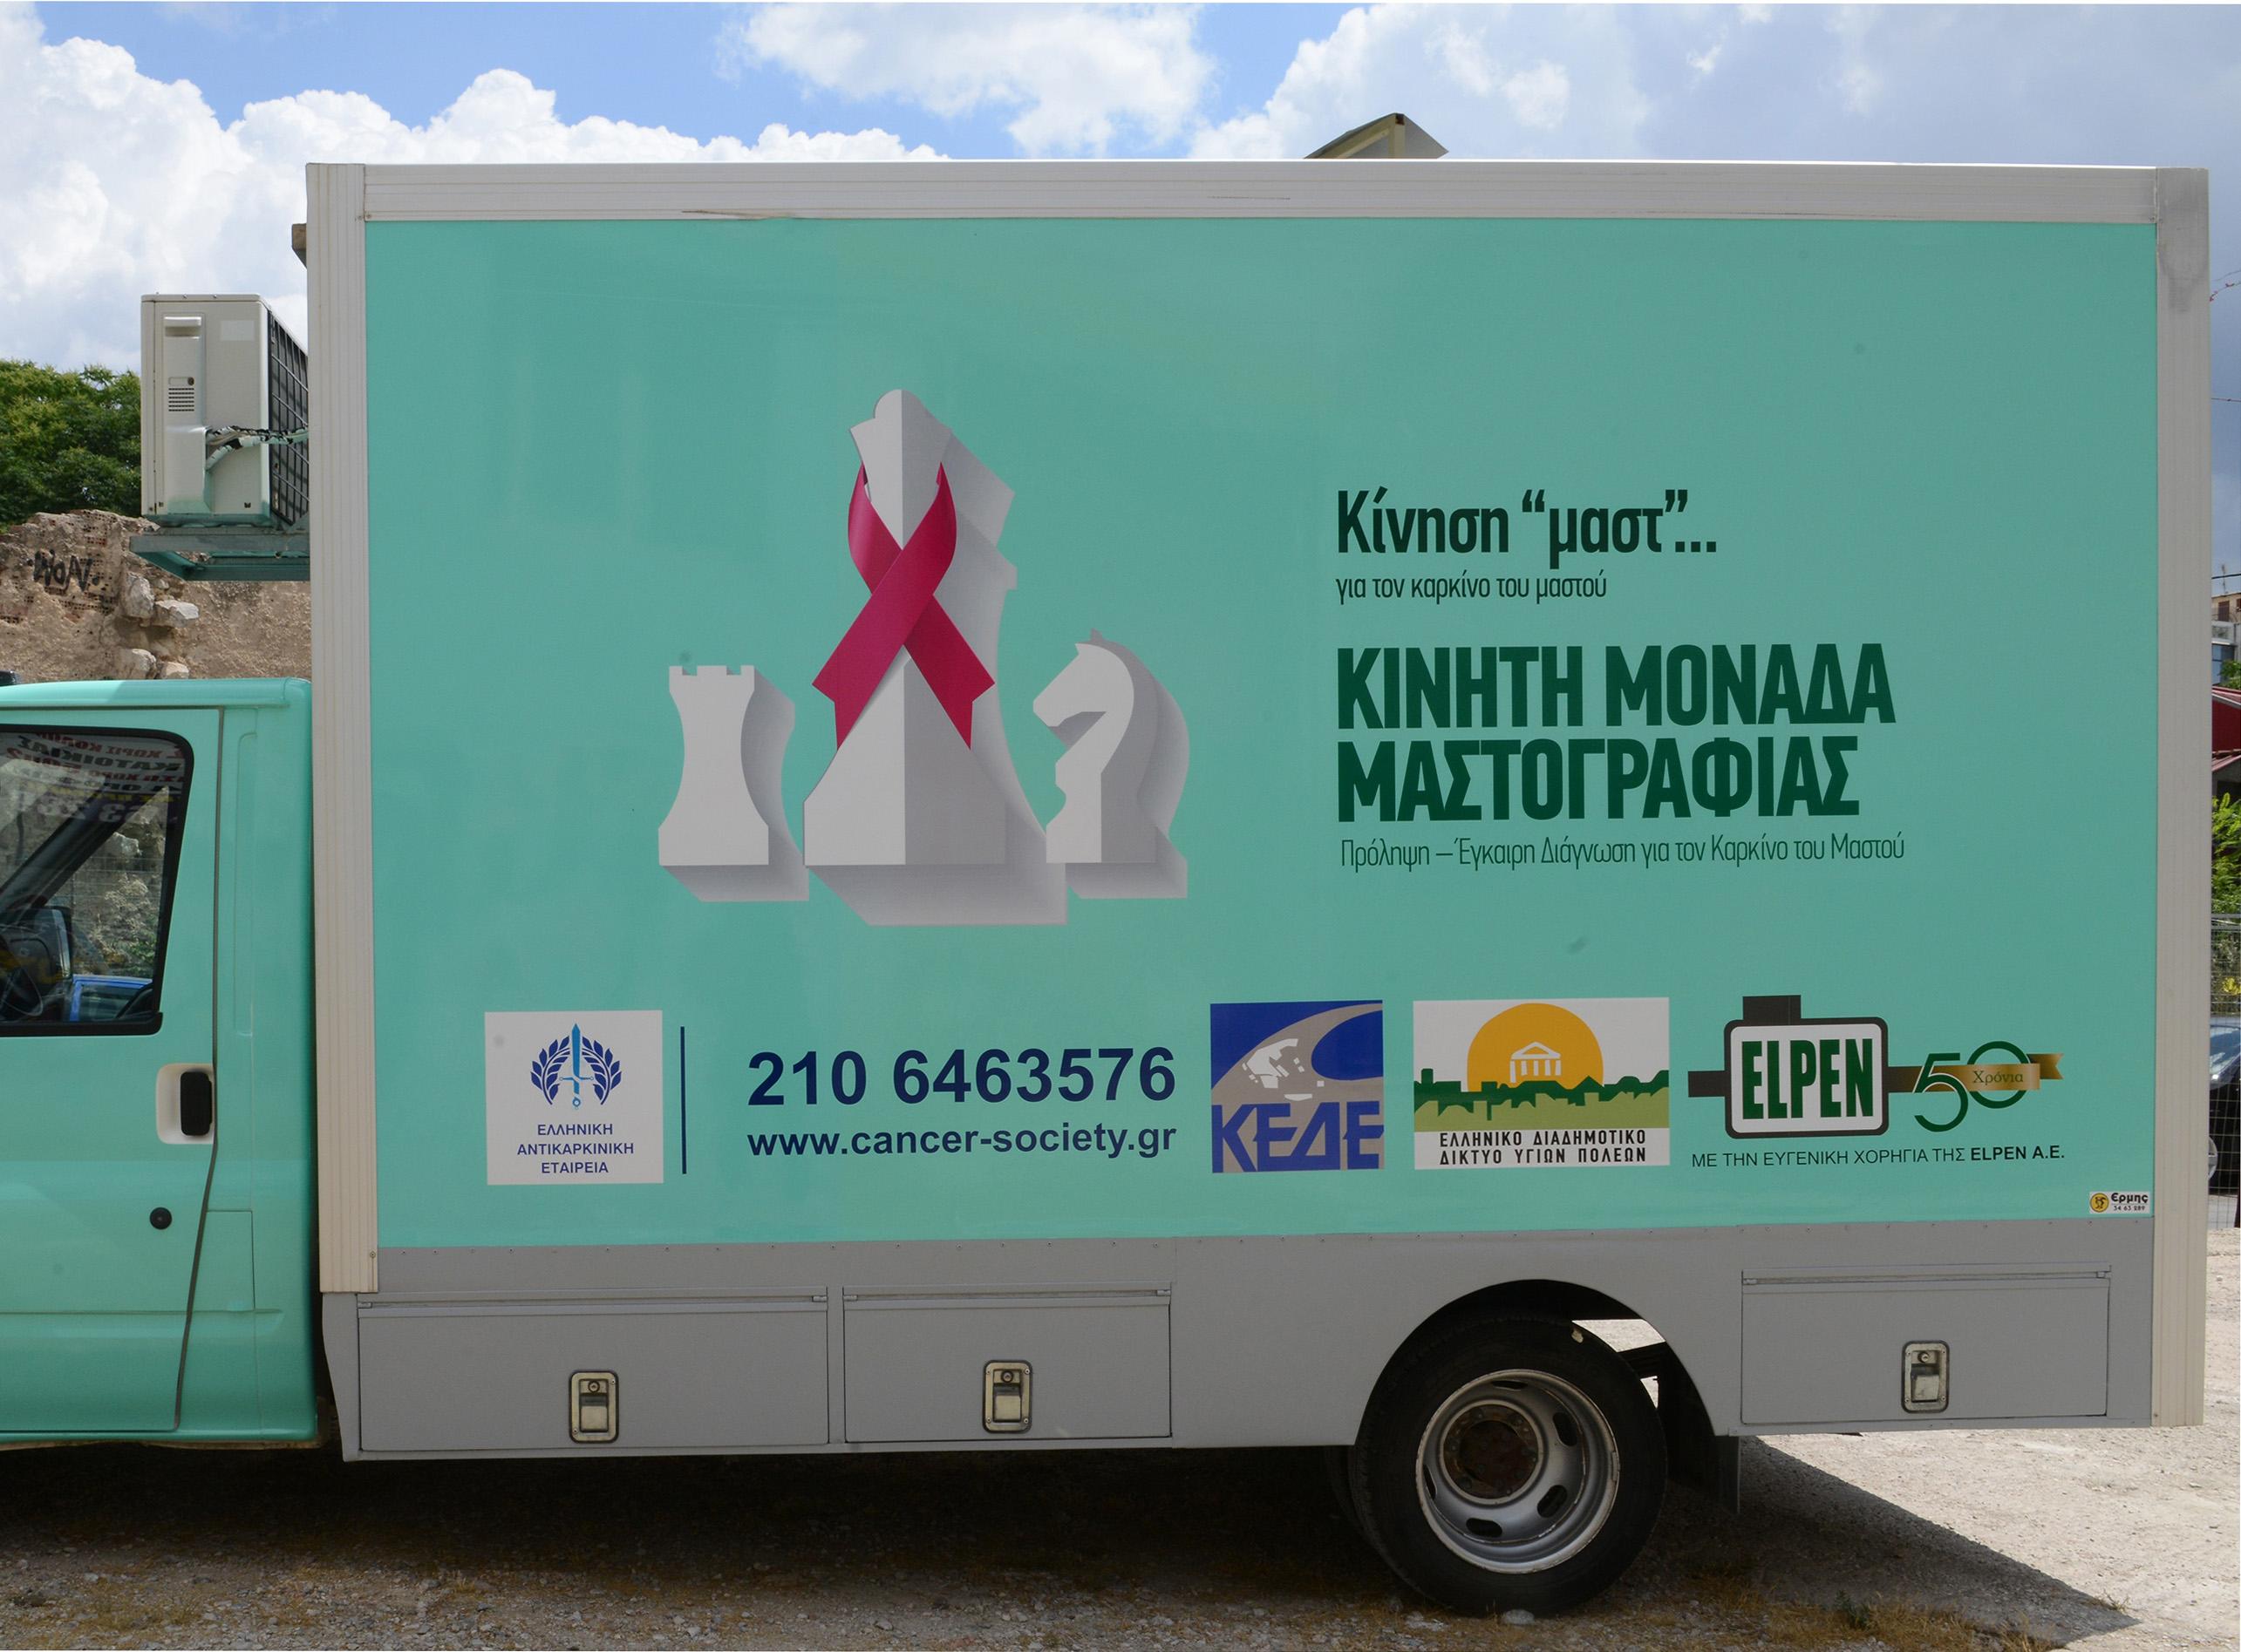 """Κίνηση """"μαστ"""" κατά του καρκίνου μαστού!"""